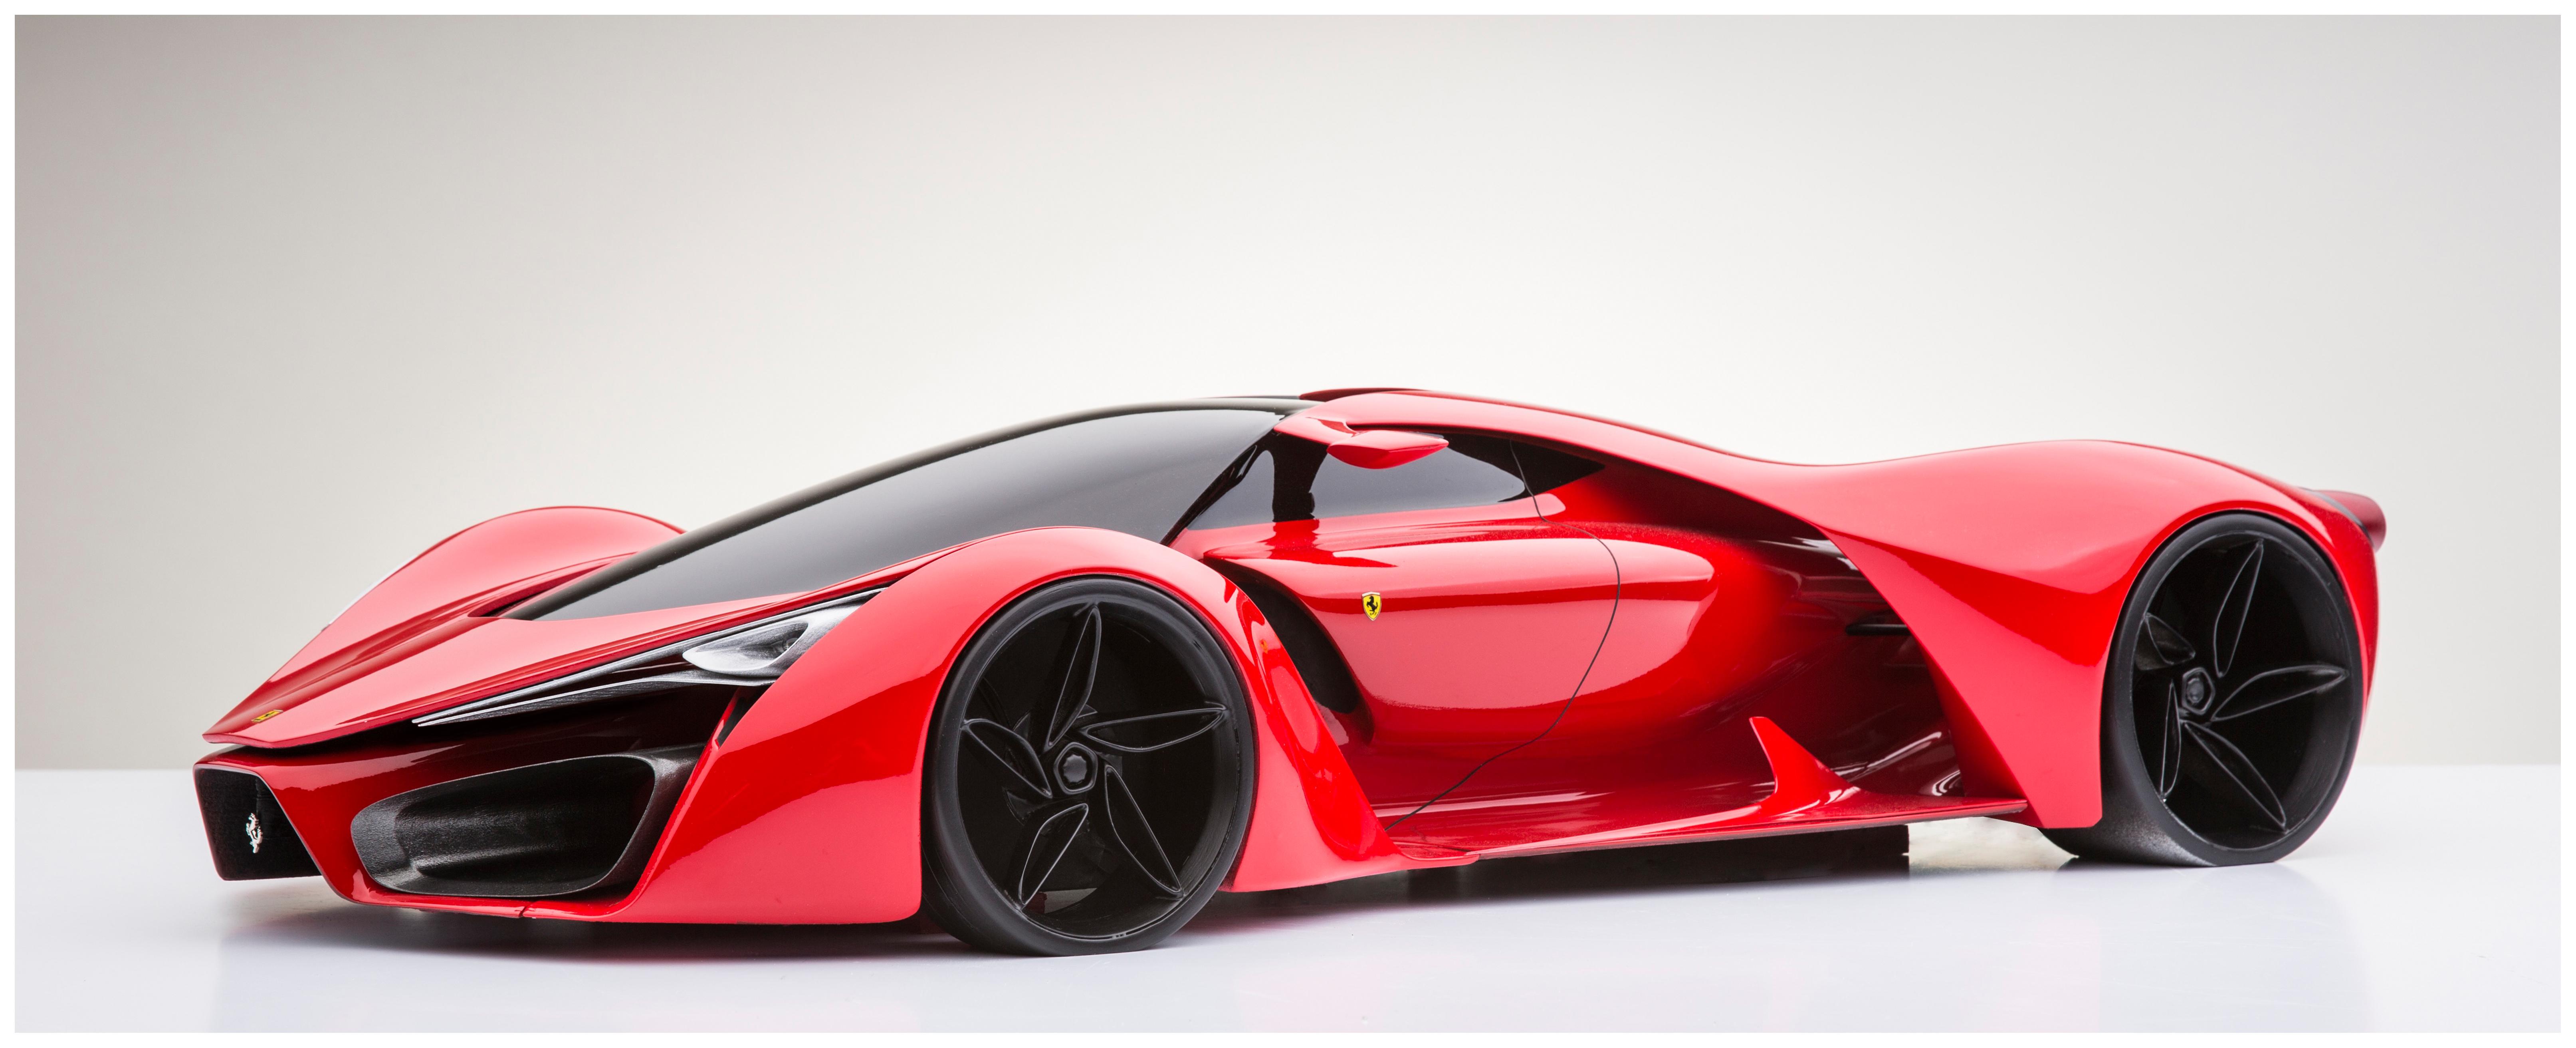 спортивный автомобиль peugeot concept sports car  № 958971 загрузить